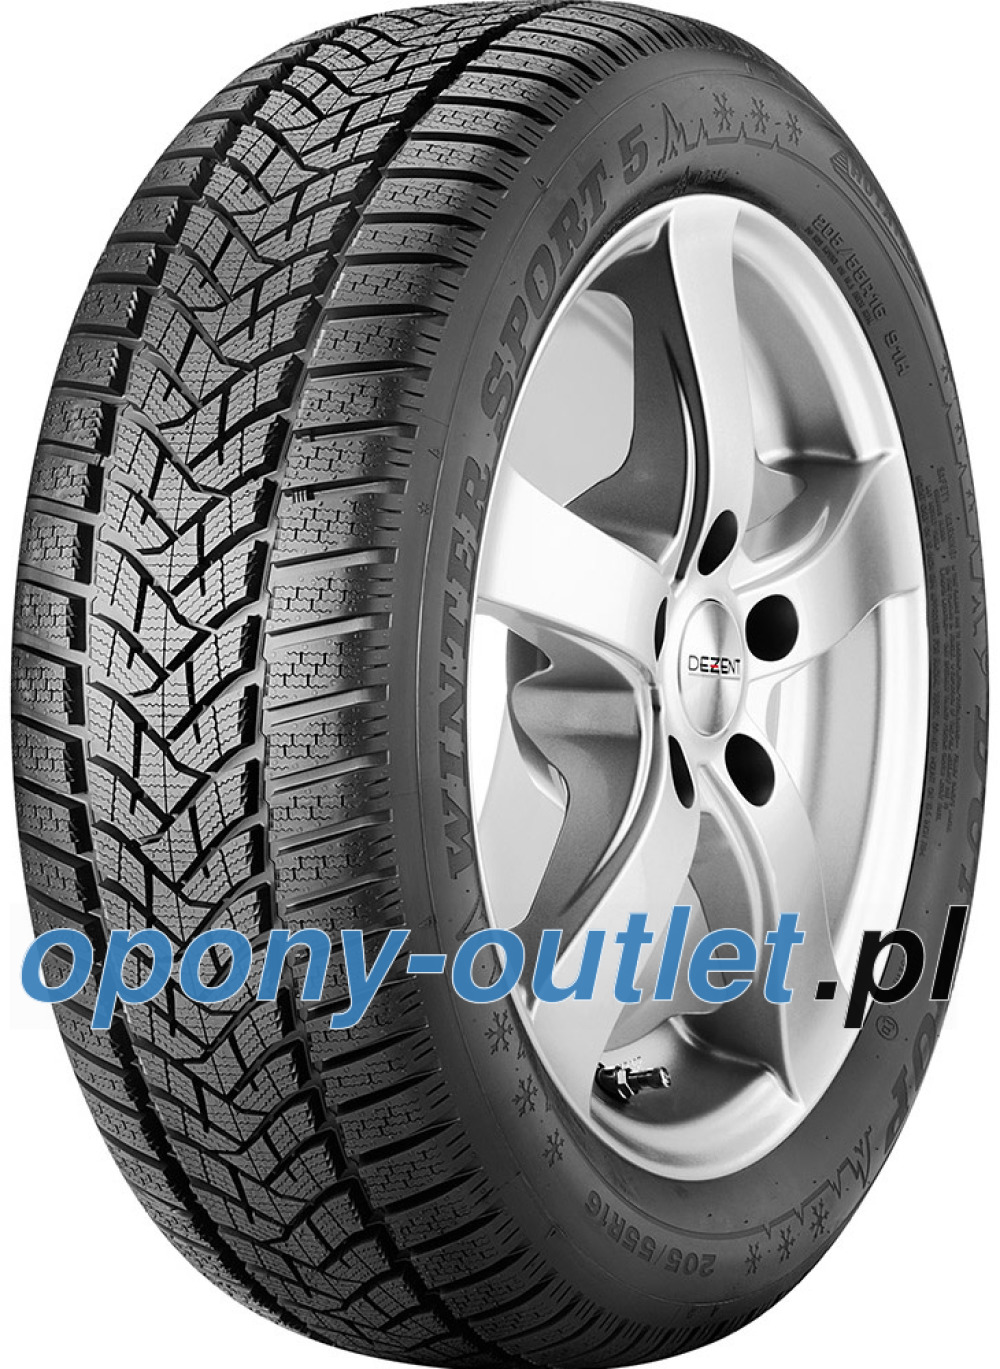 Dunlop Winter Sport 5 ( 255/55 R19 111V XL SUV )